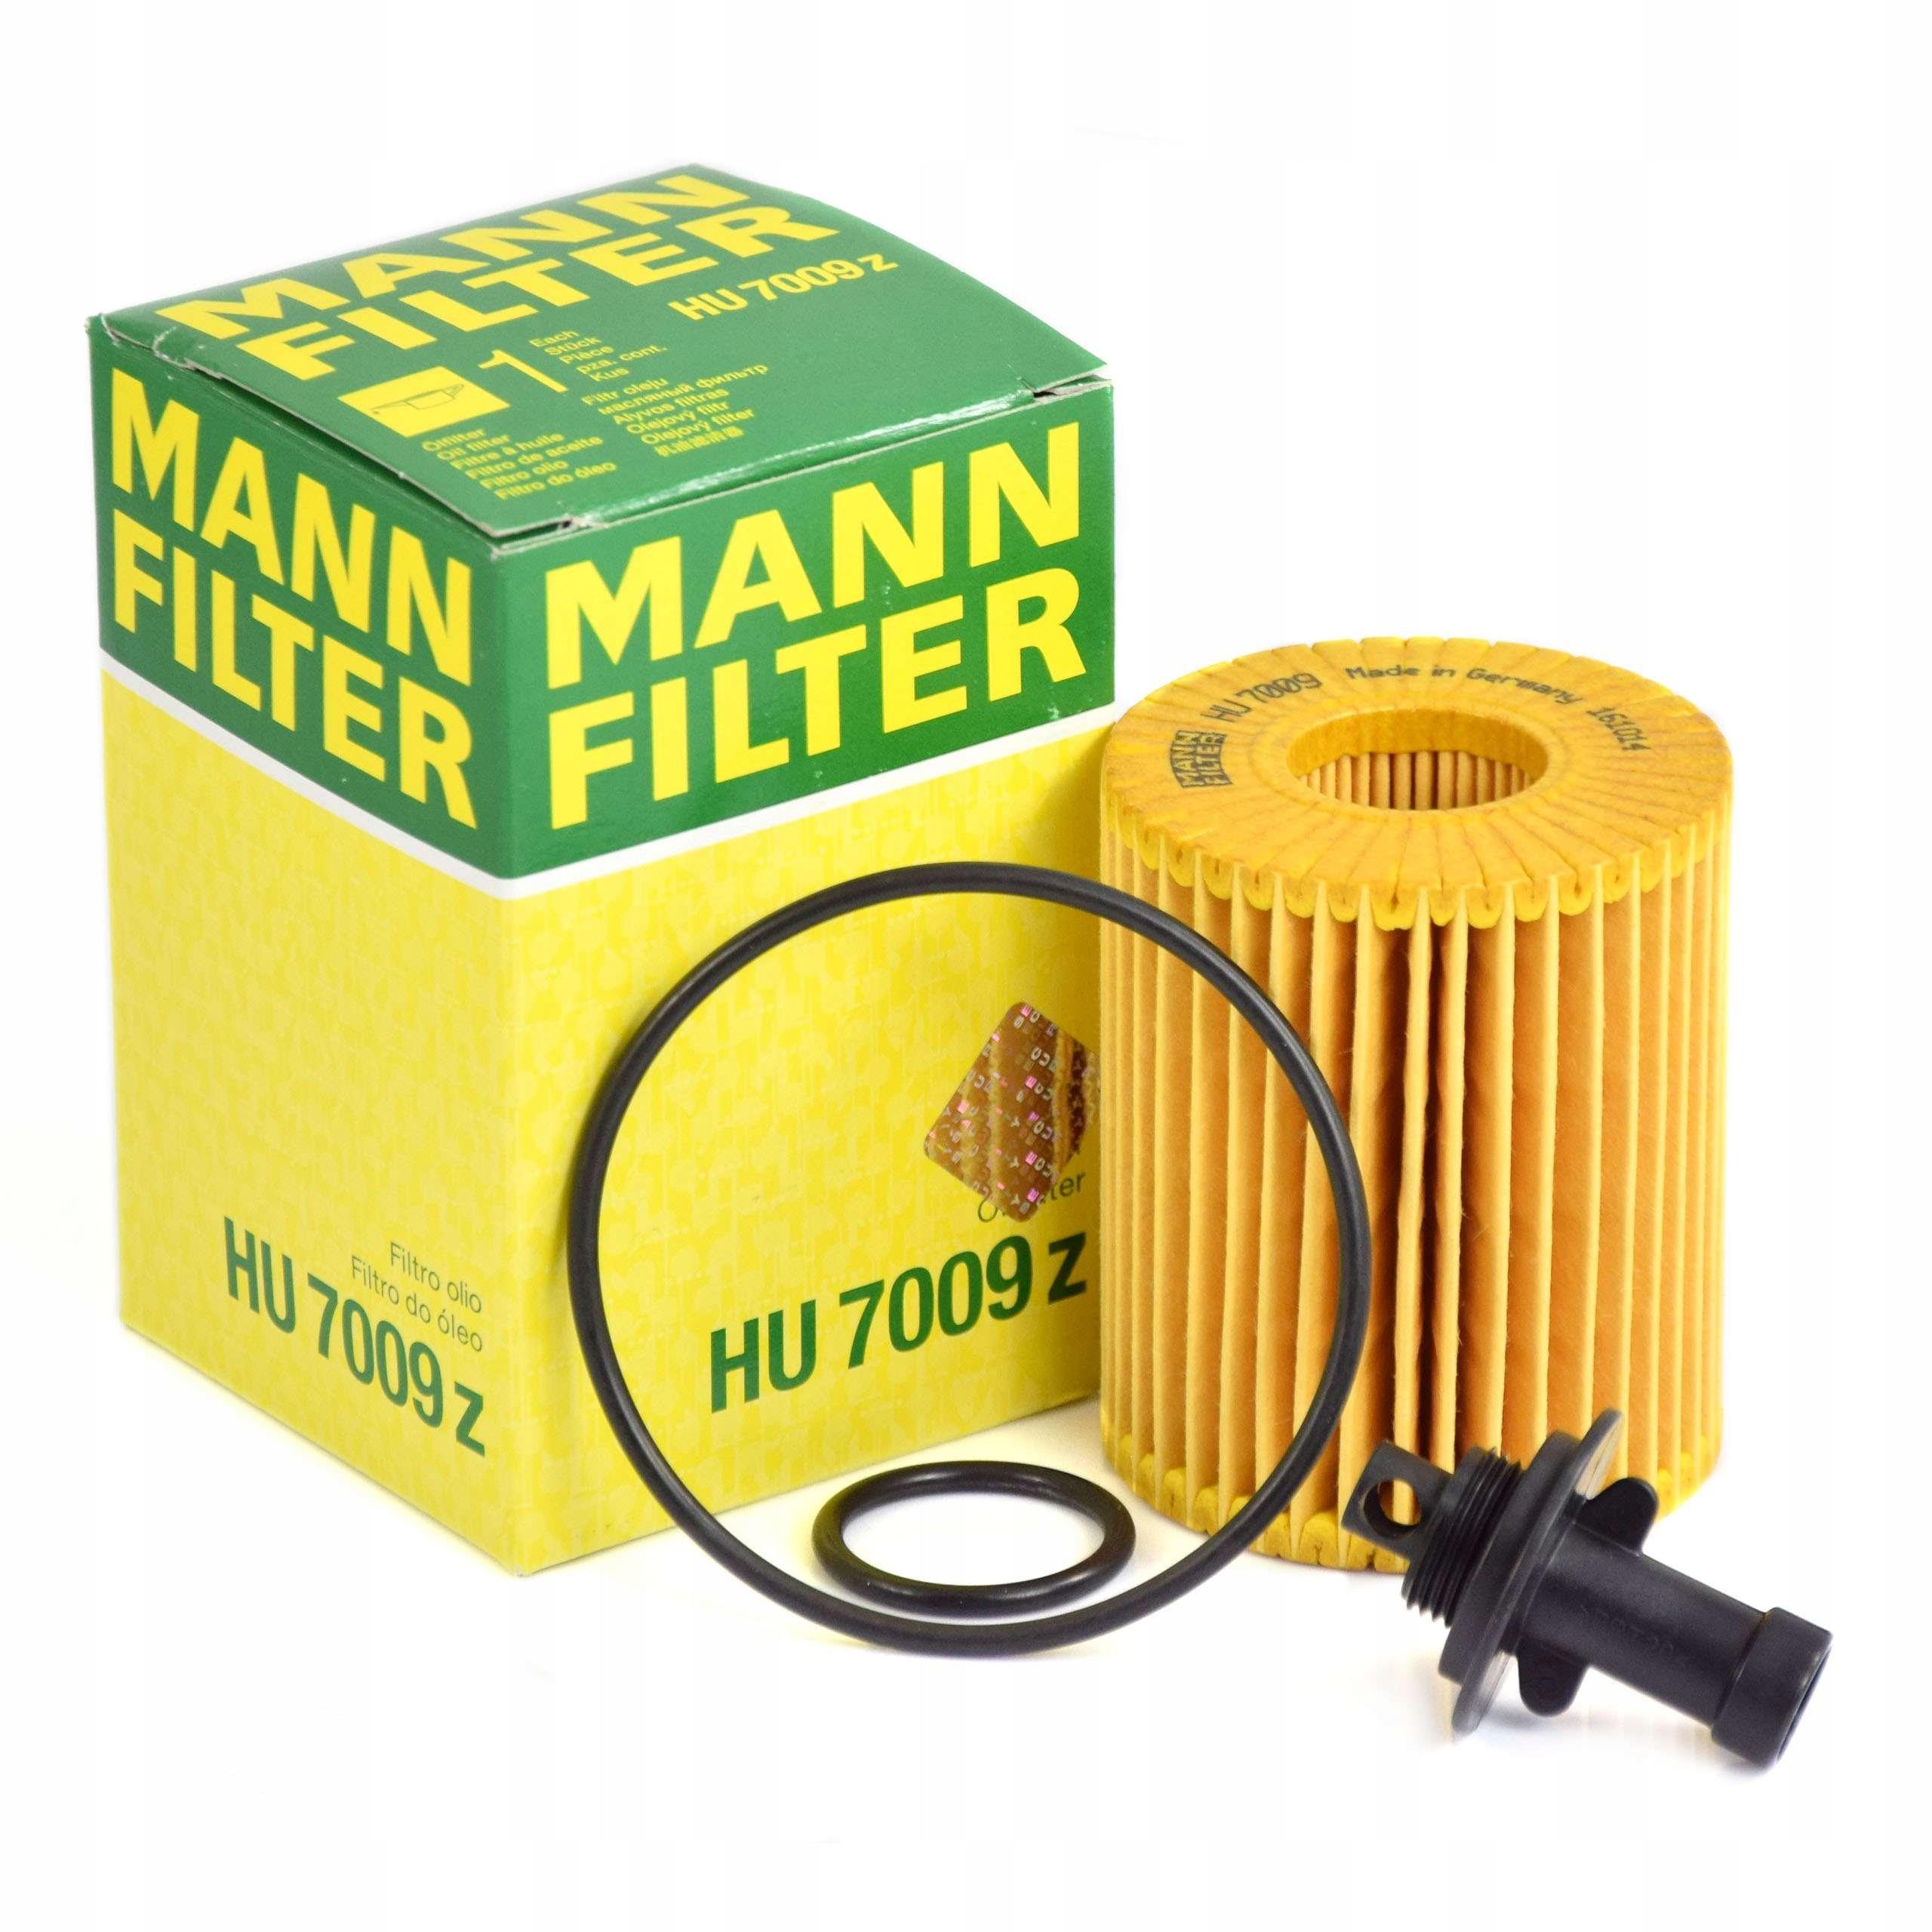 MOUDS Filtre à huile Bmw Mini TOYOTA Alpina ox404d